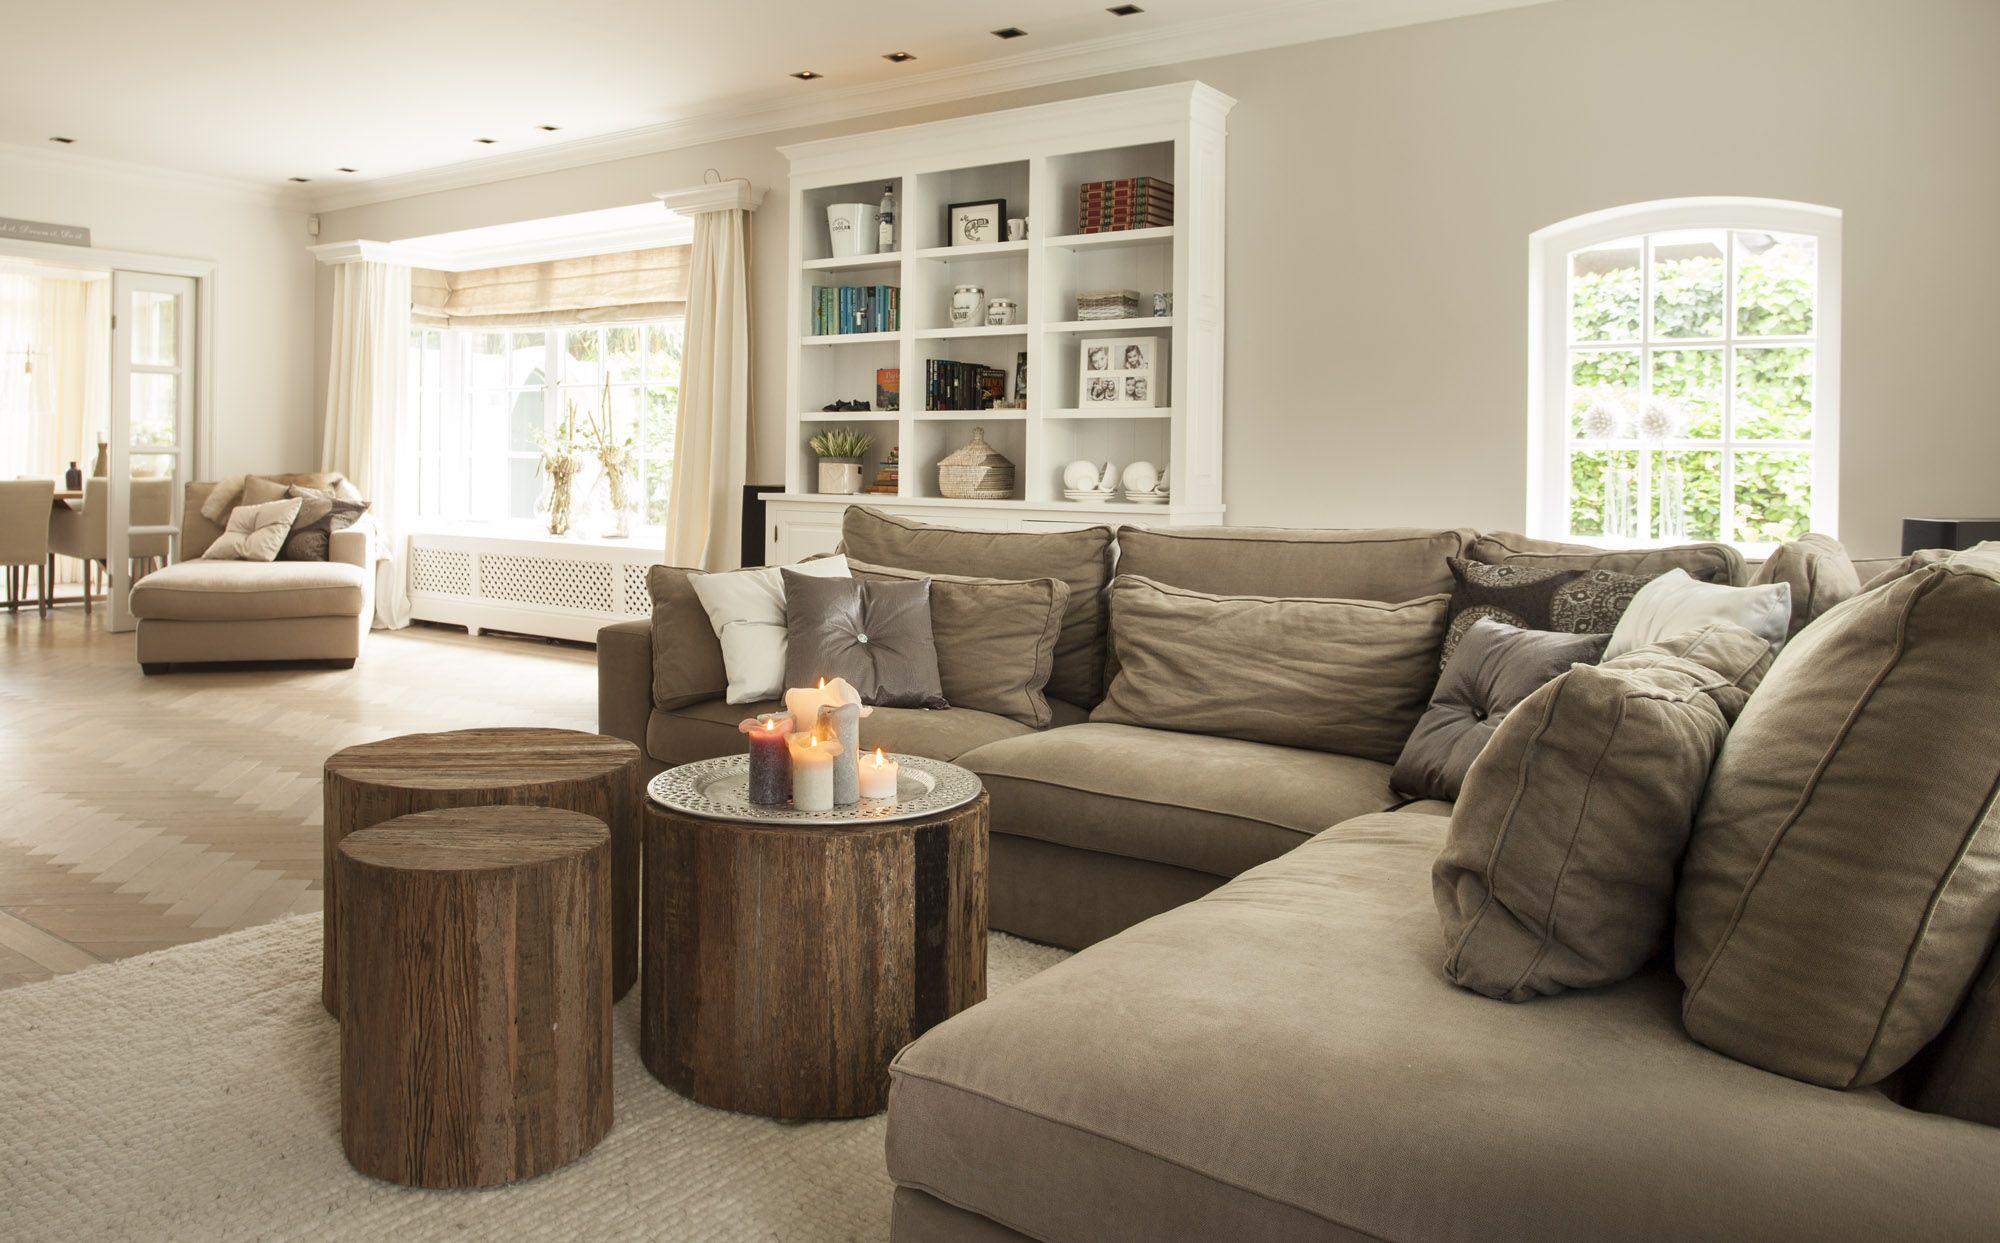 Stoer Landelijk Interieur : Stoer en landelijk interieur interieurstijl home decor